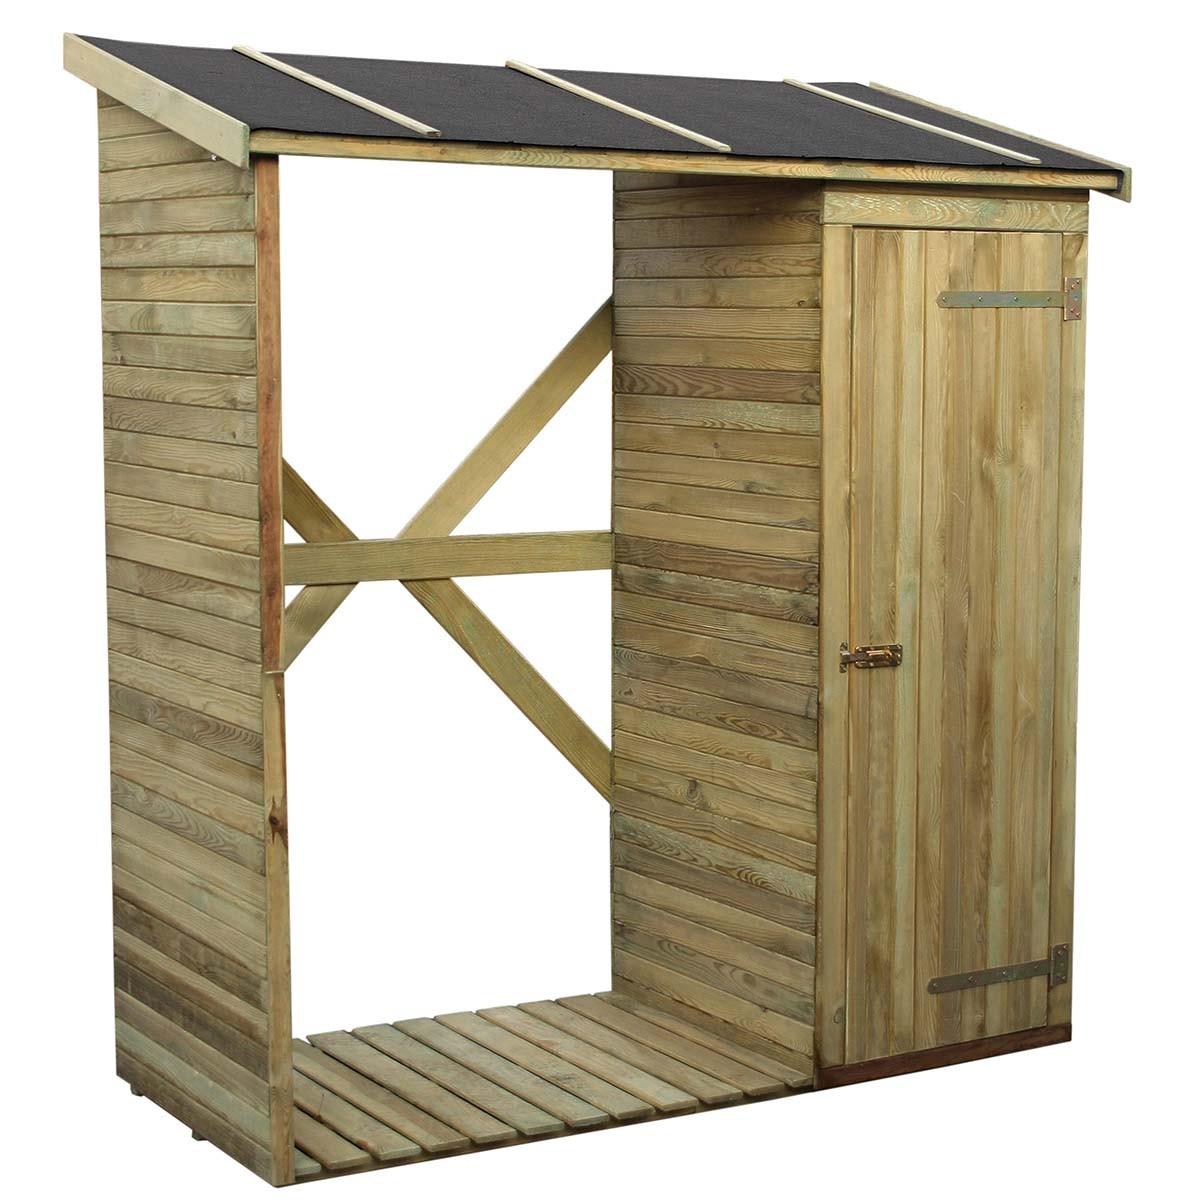 Mobili ripostiglio in legno - Mobili da ripostiglio ...